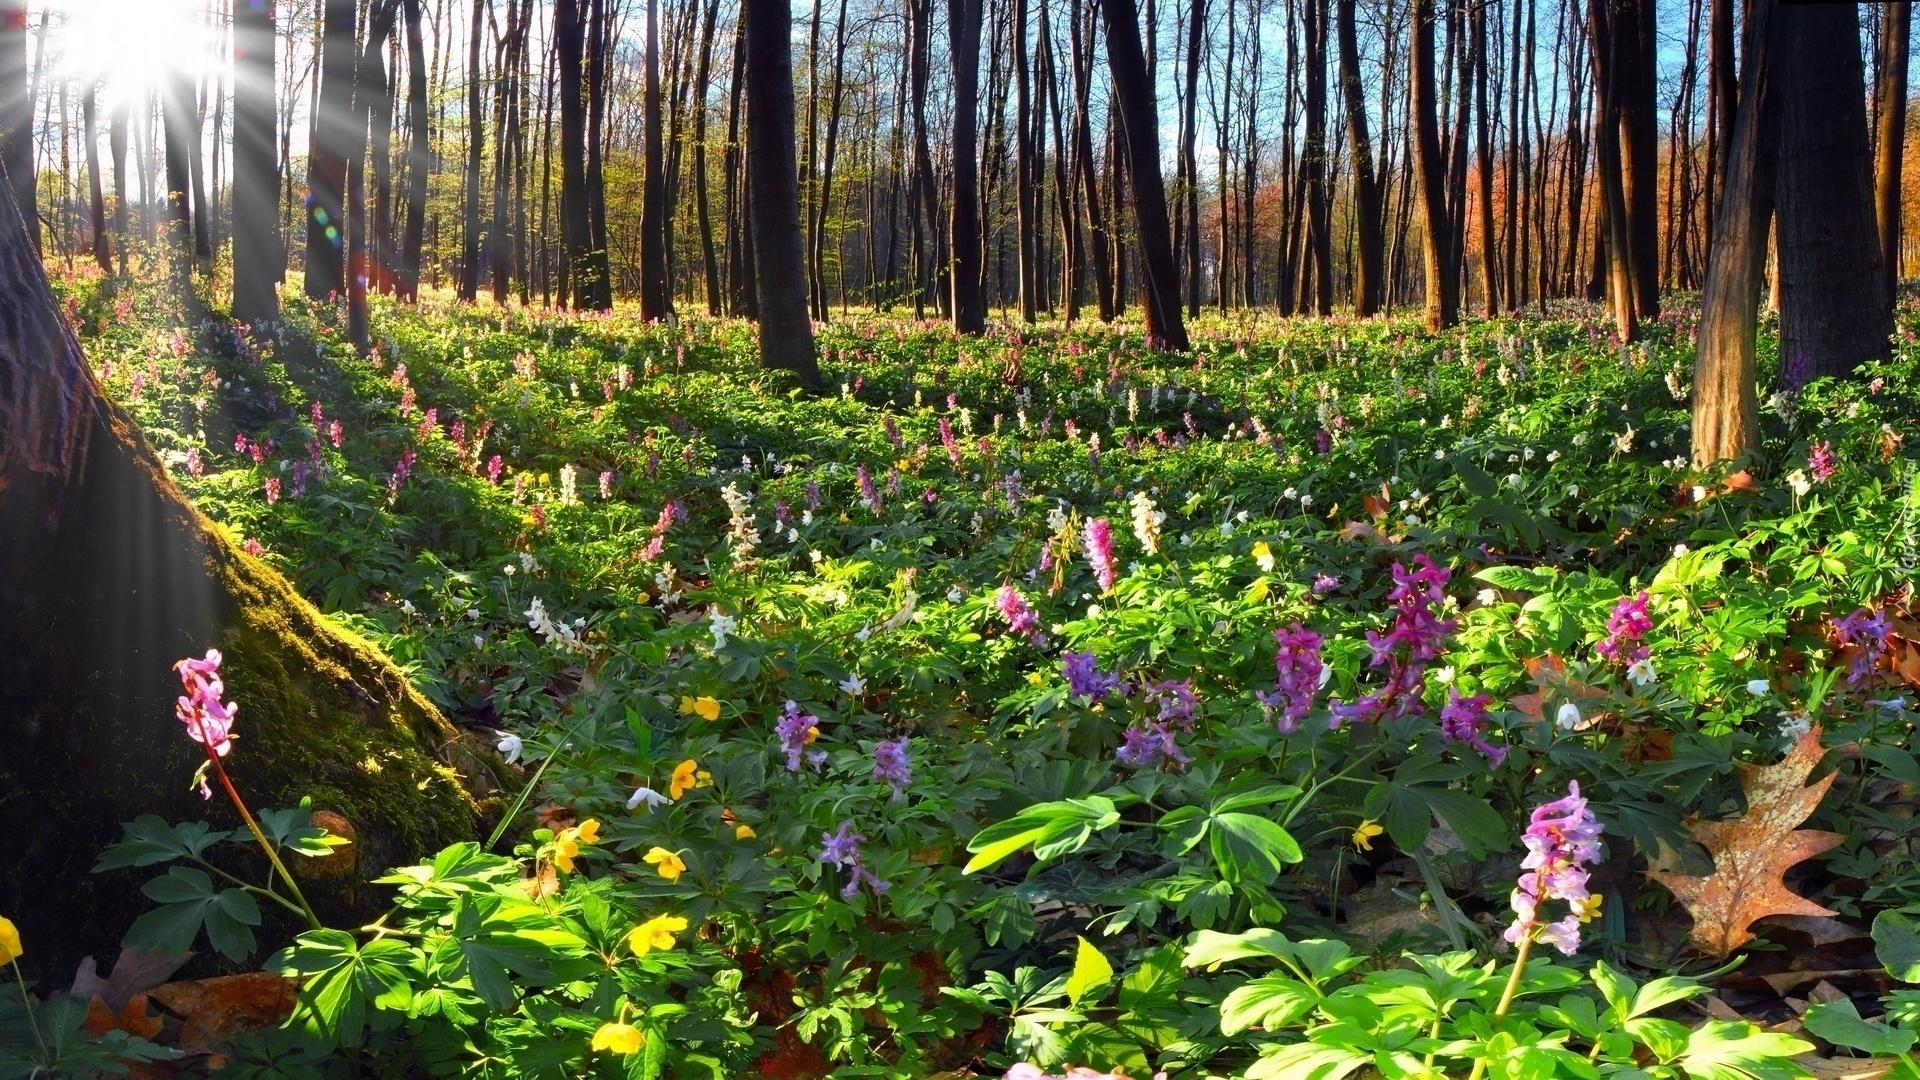 208106_las_kwiaty_drzewa_promienie_slonca_wiosna